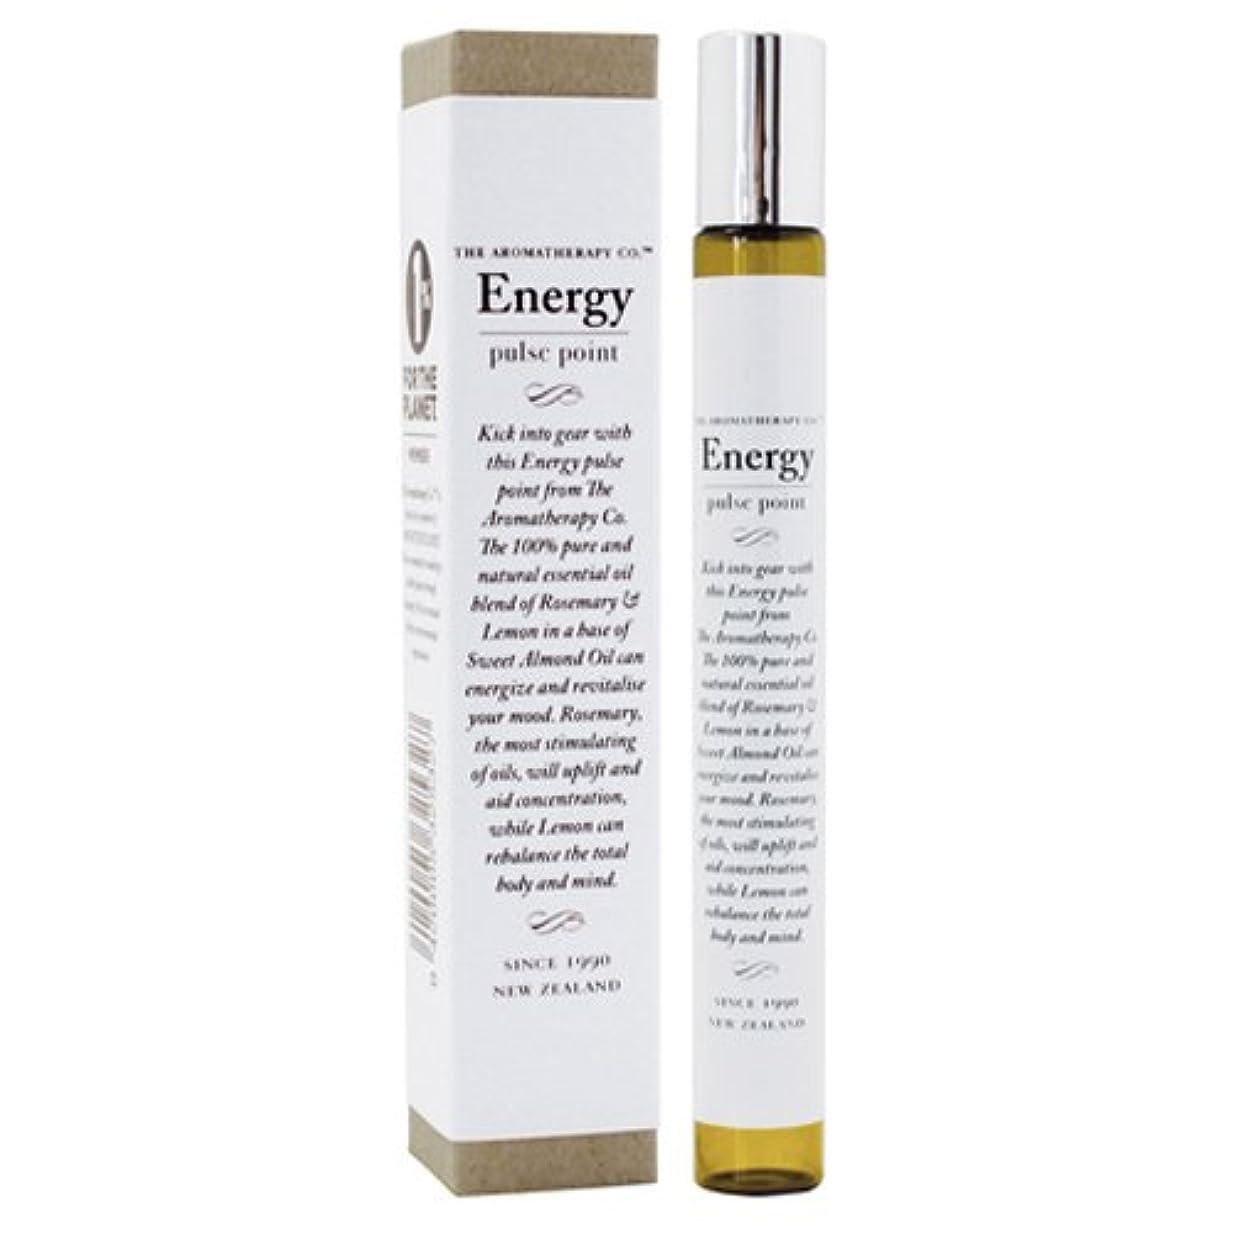 肥料魔女一元化するアロマセラピーカンパニー Therapy Range セラピーレンジ パルスポイント エナジー ロールオンパフューム Energy